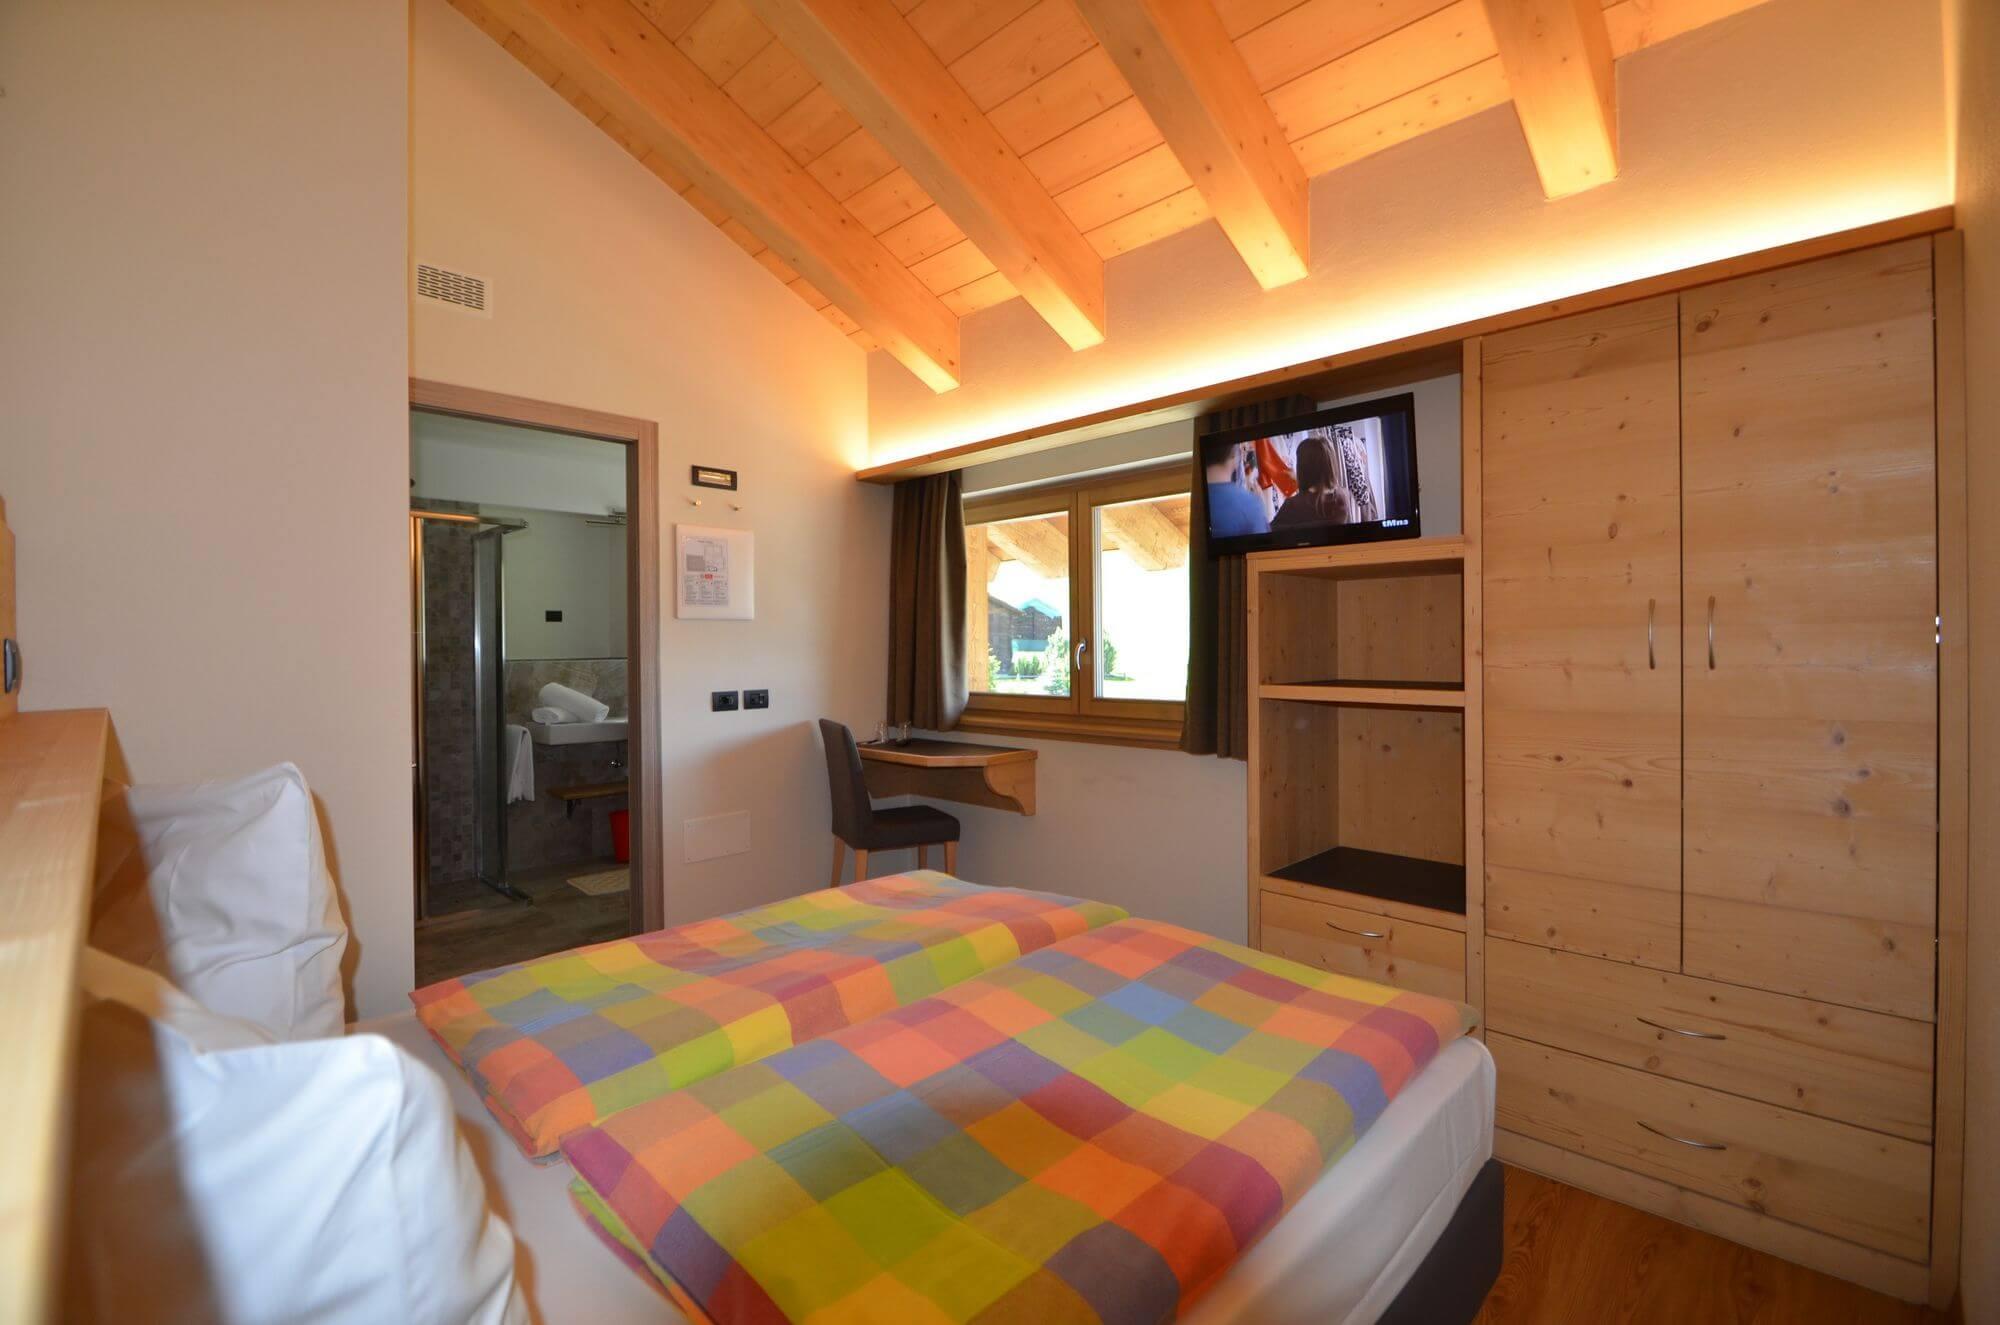 Arredamento della stanza economy - Hotel Le Alpi di Livigno